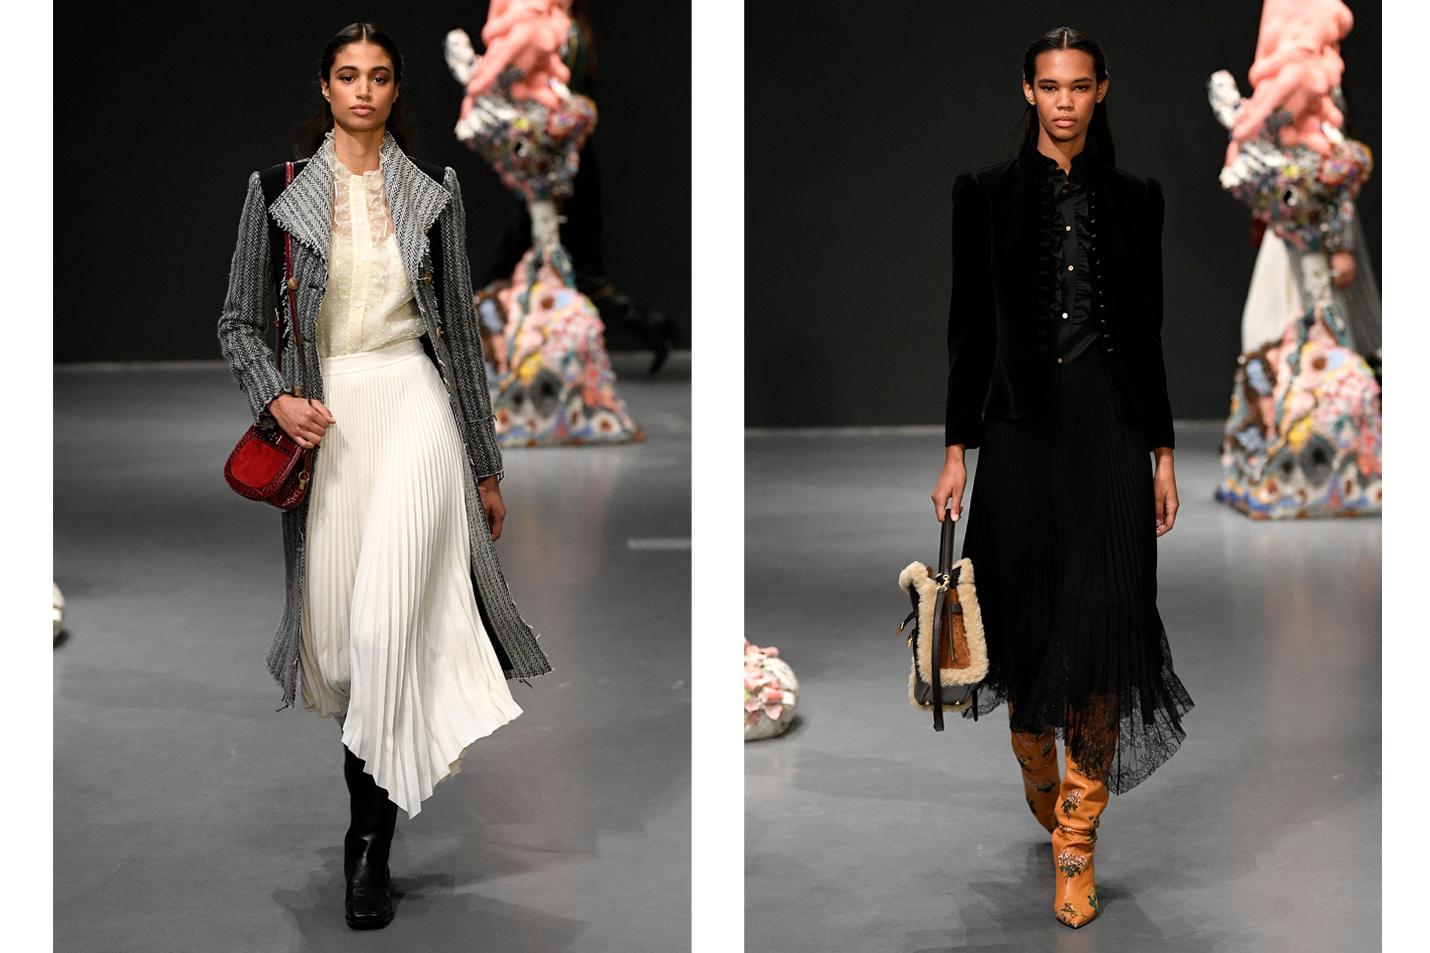 tuần lễ thời trang new york thu đông 2020 tory burch look 15 16